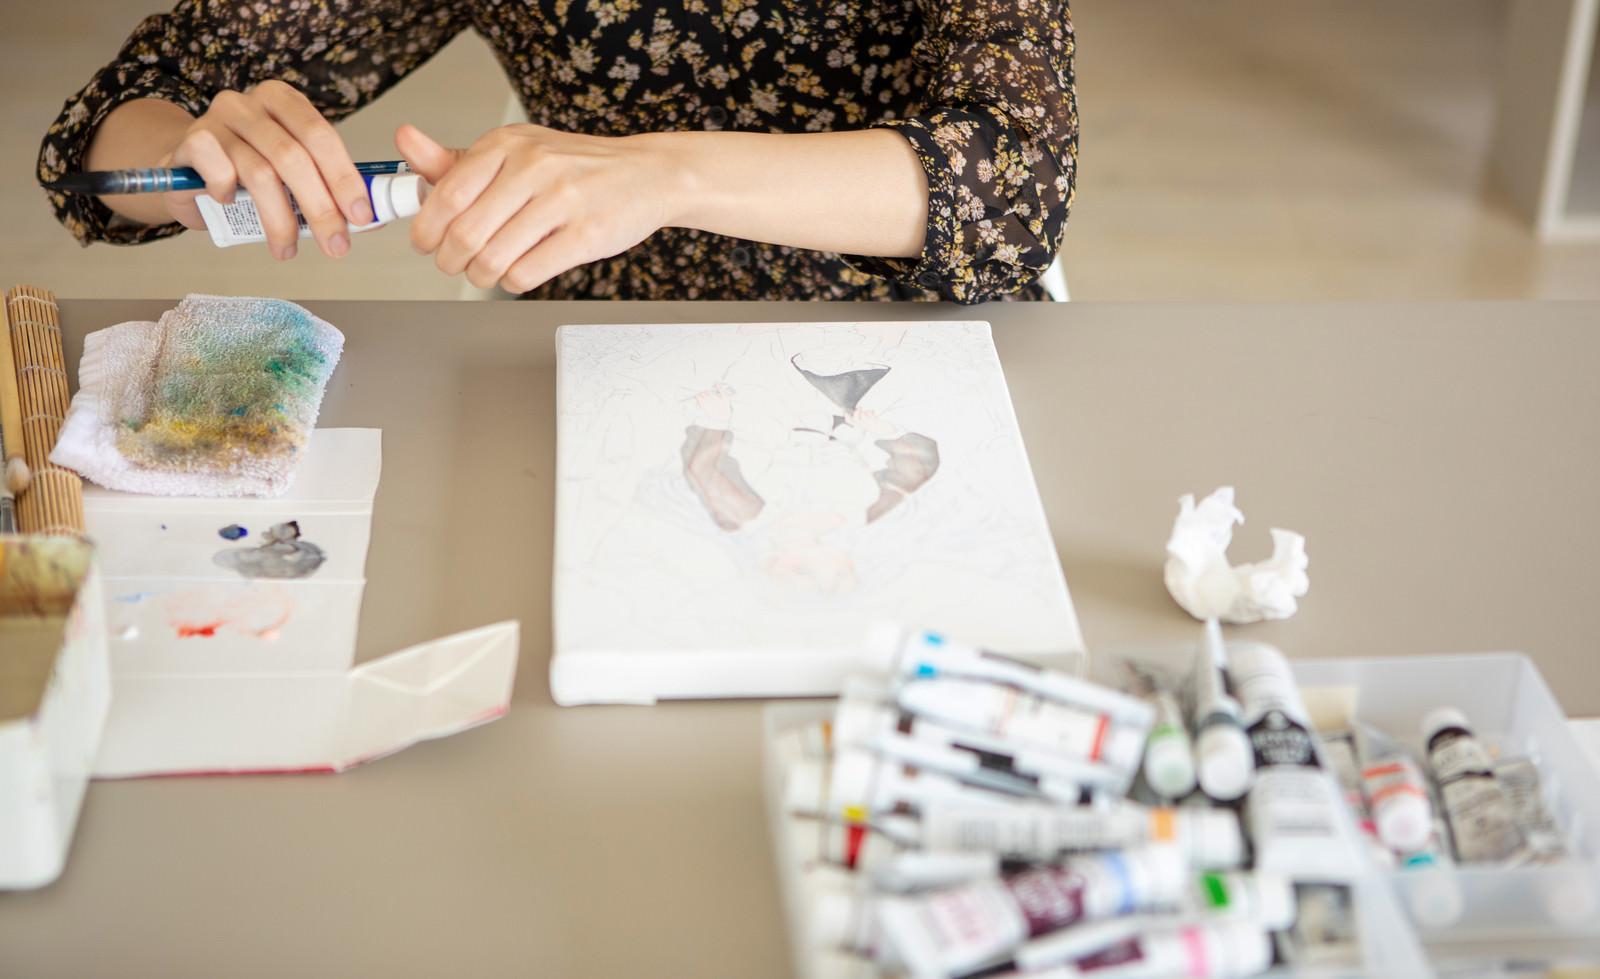 「キャンバスを前に絵具を用意する女性」の写真